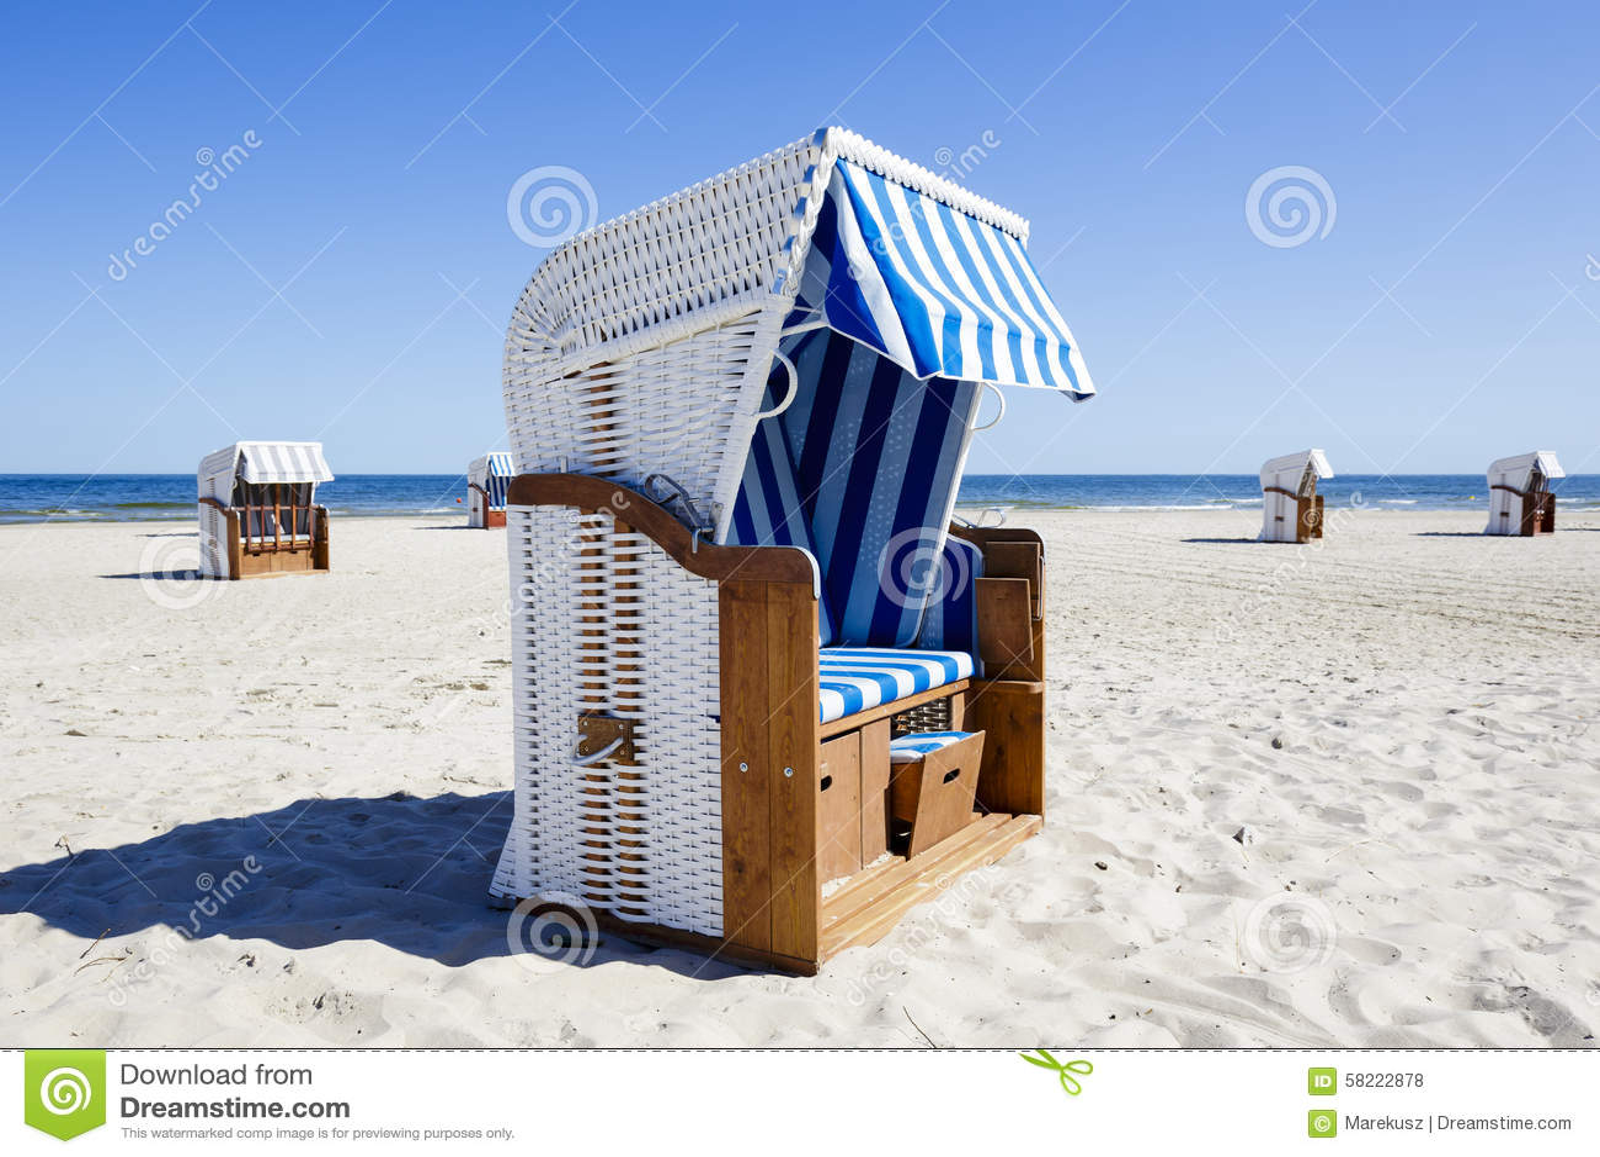 Vime Telhou Cadeiras De Praia No Litoral Foto de Stock Imagem  #265EA5 1300x957